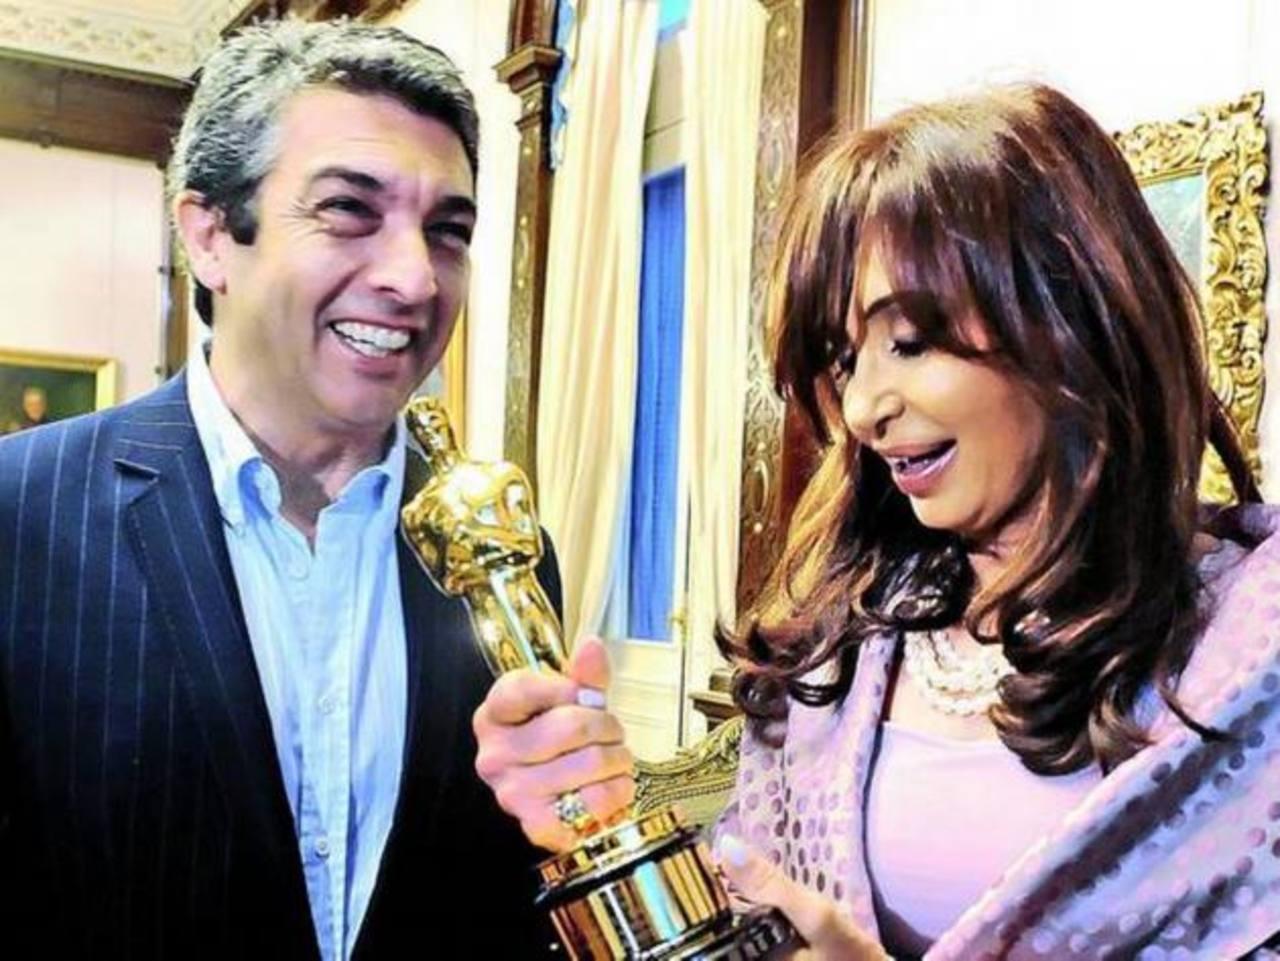 La presidenta argentina Cristina Fernández junto al actor Ricardo Darín. Foto EDH /archivo